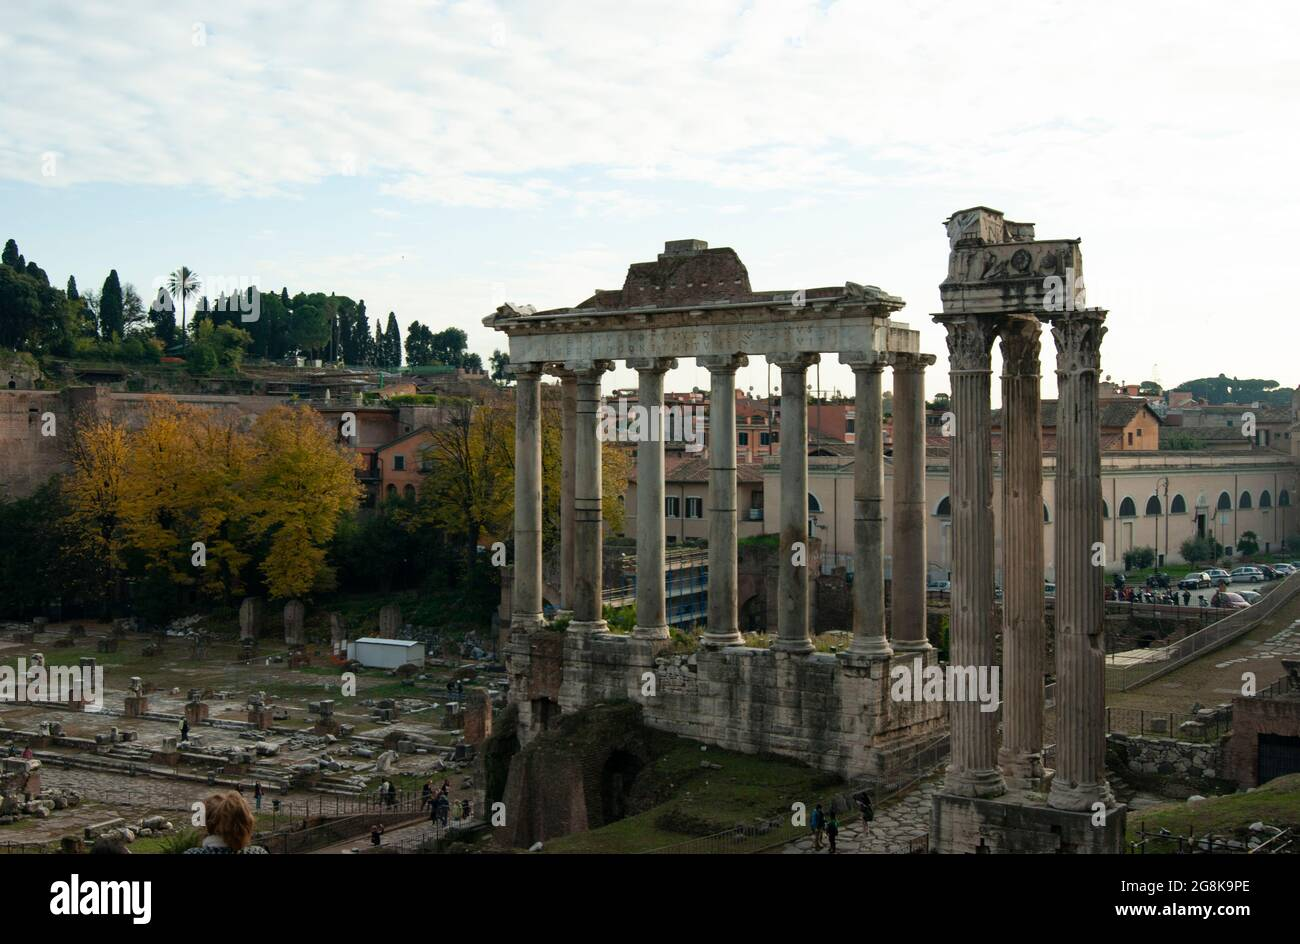 Forum, Temple de Rome de Saturne ancienne architecture classique sur le site historique au coeur de la ville antique vue sur le paysage. Banque D'Images